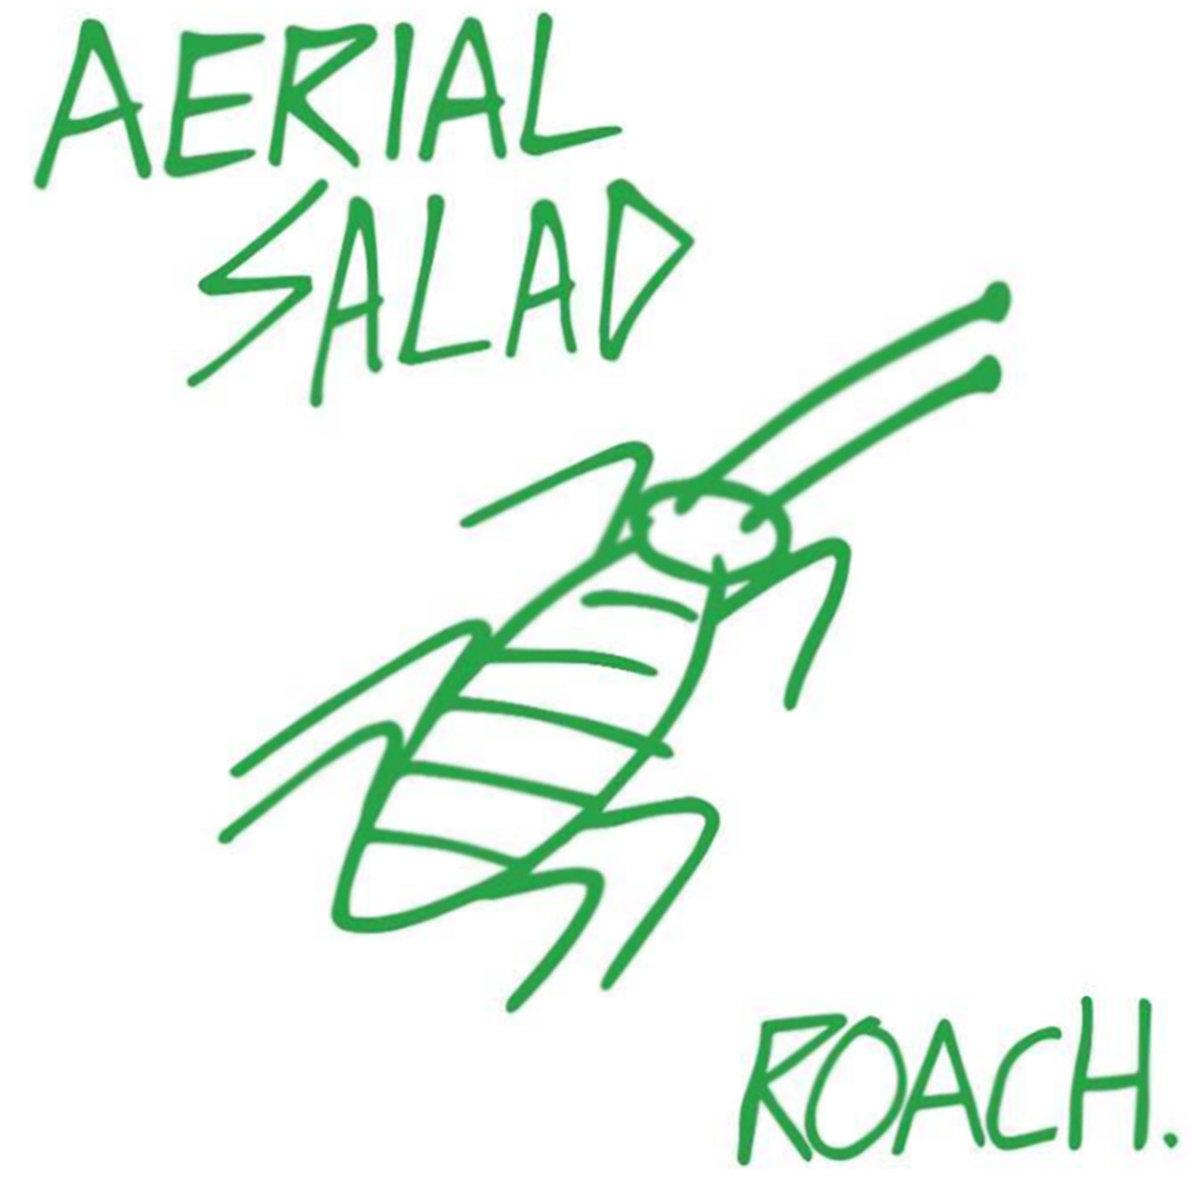 AERIAL SALAD.